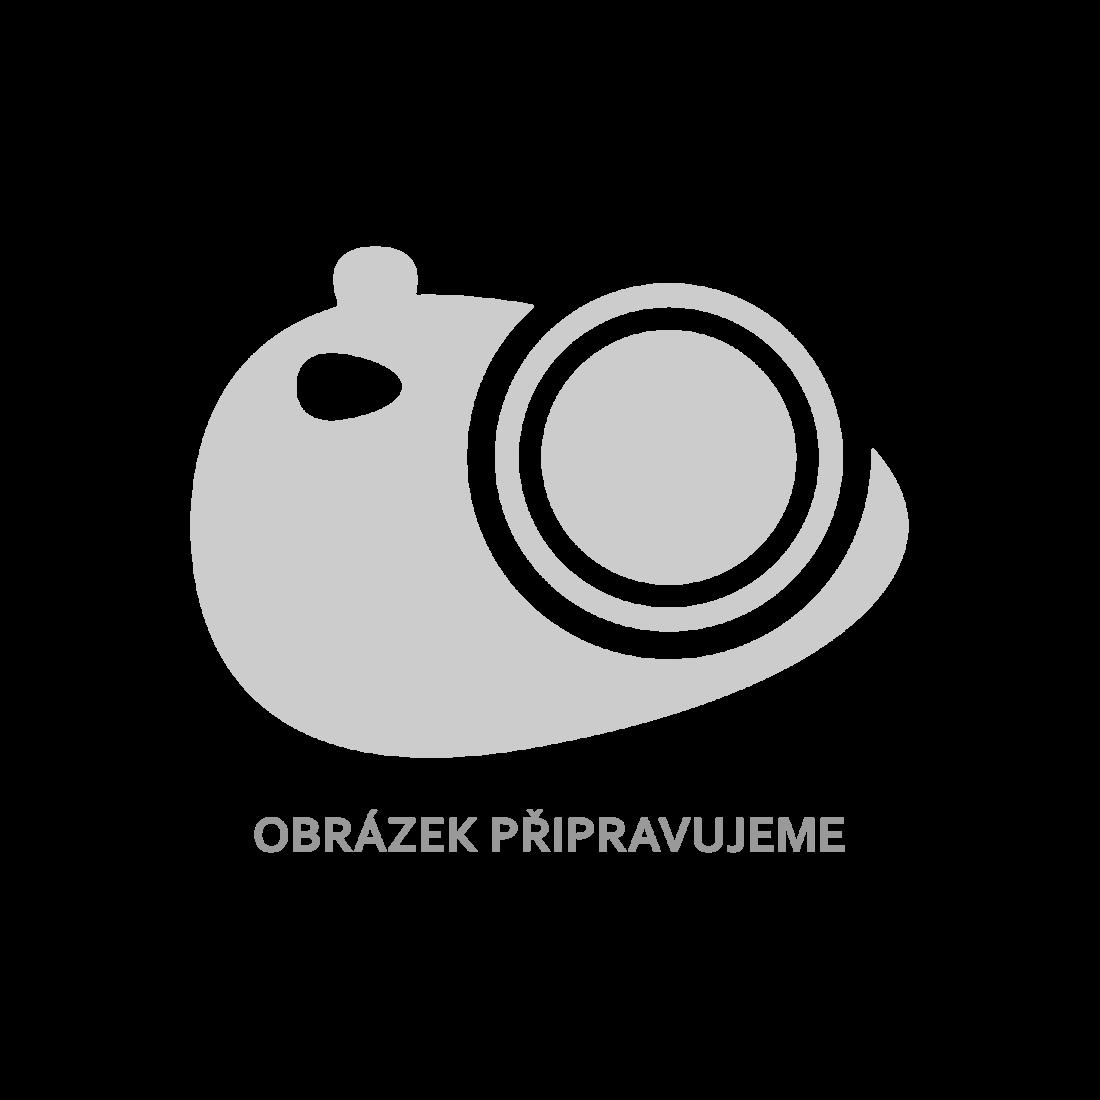 vidaXL Zahradní úložný box antracitový 129 x 67 x 65 cm [46263]